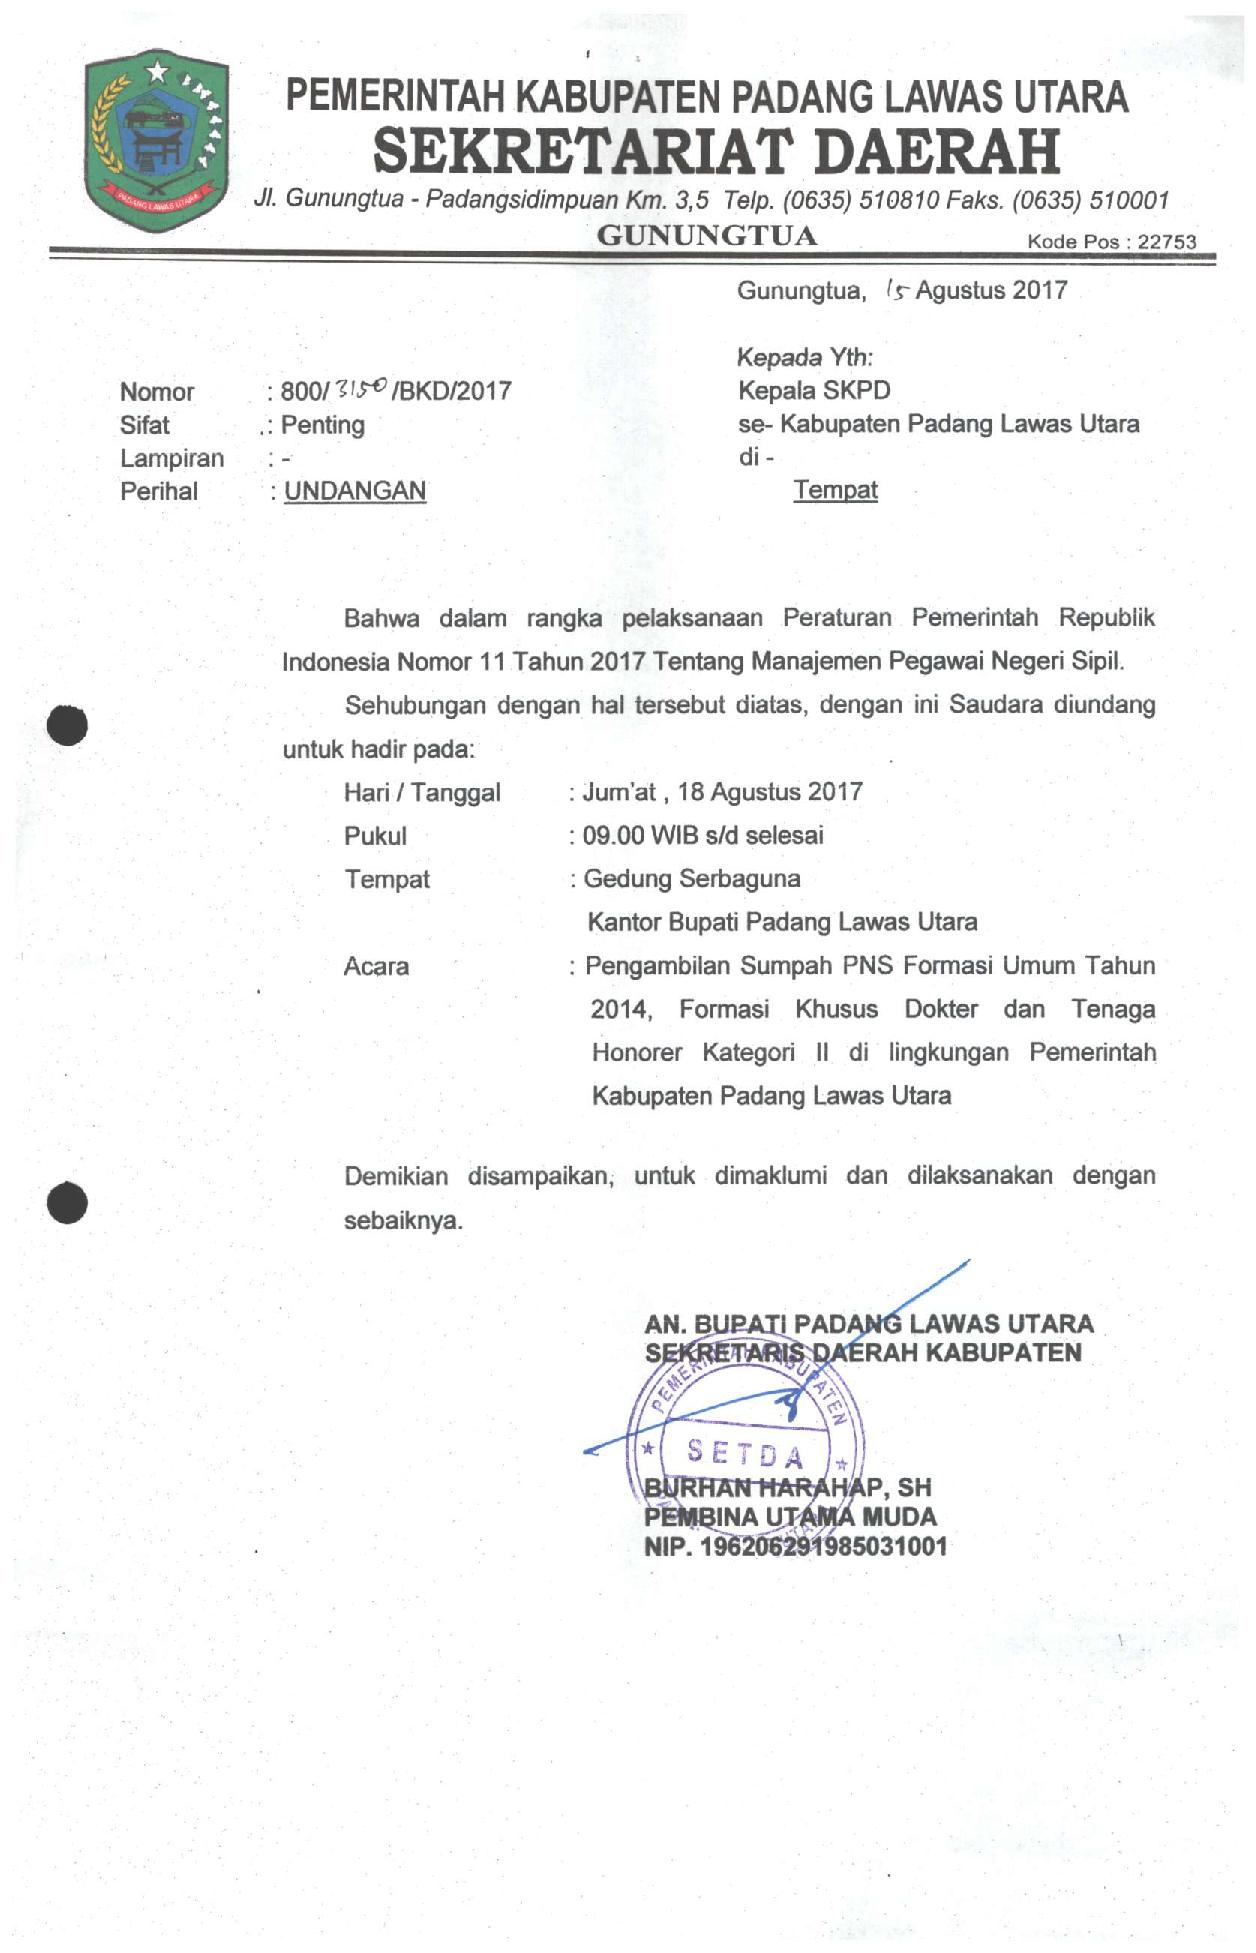 Surat Undangan Pengambilan Sumpah PNS